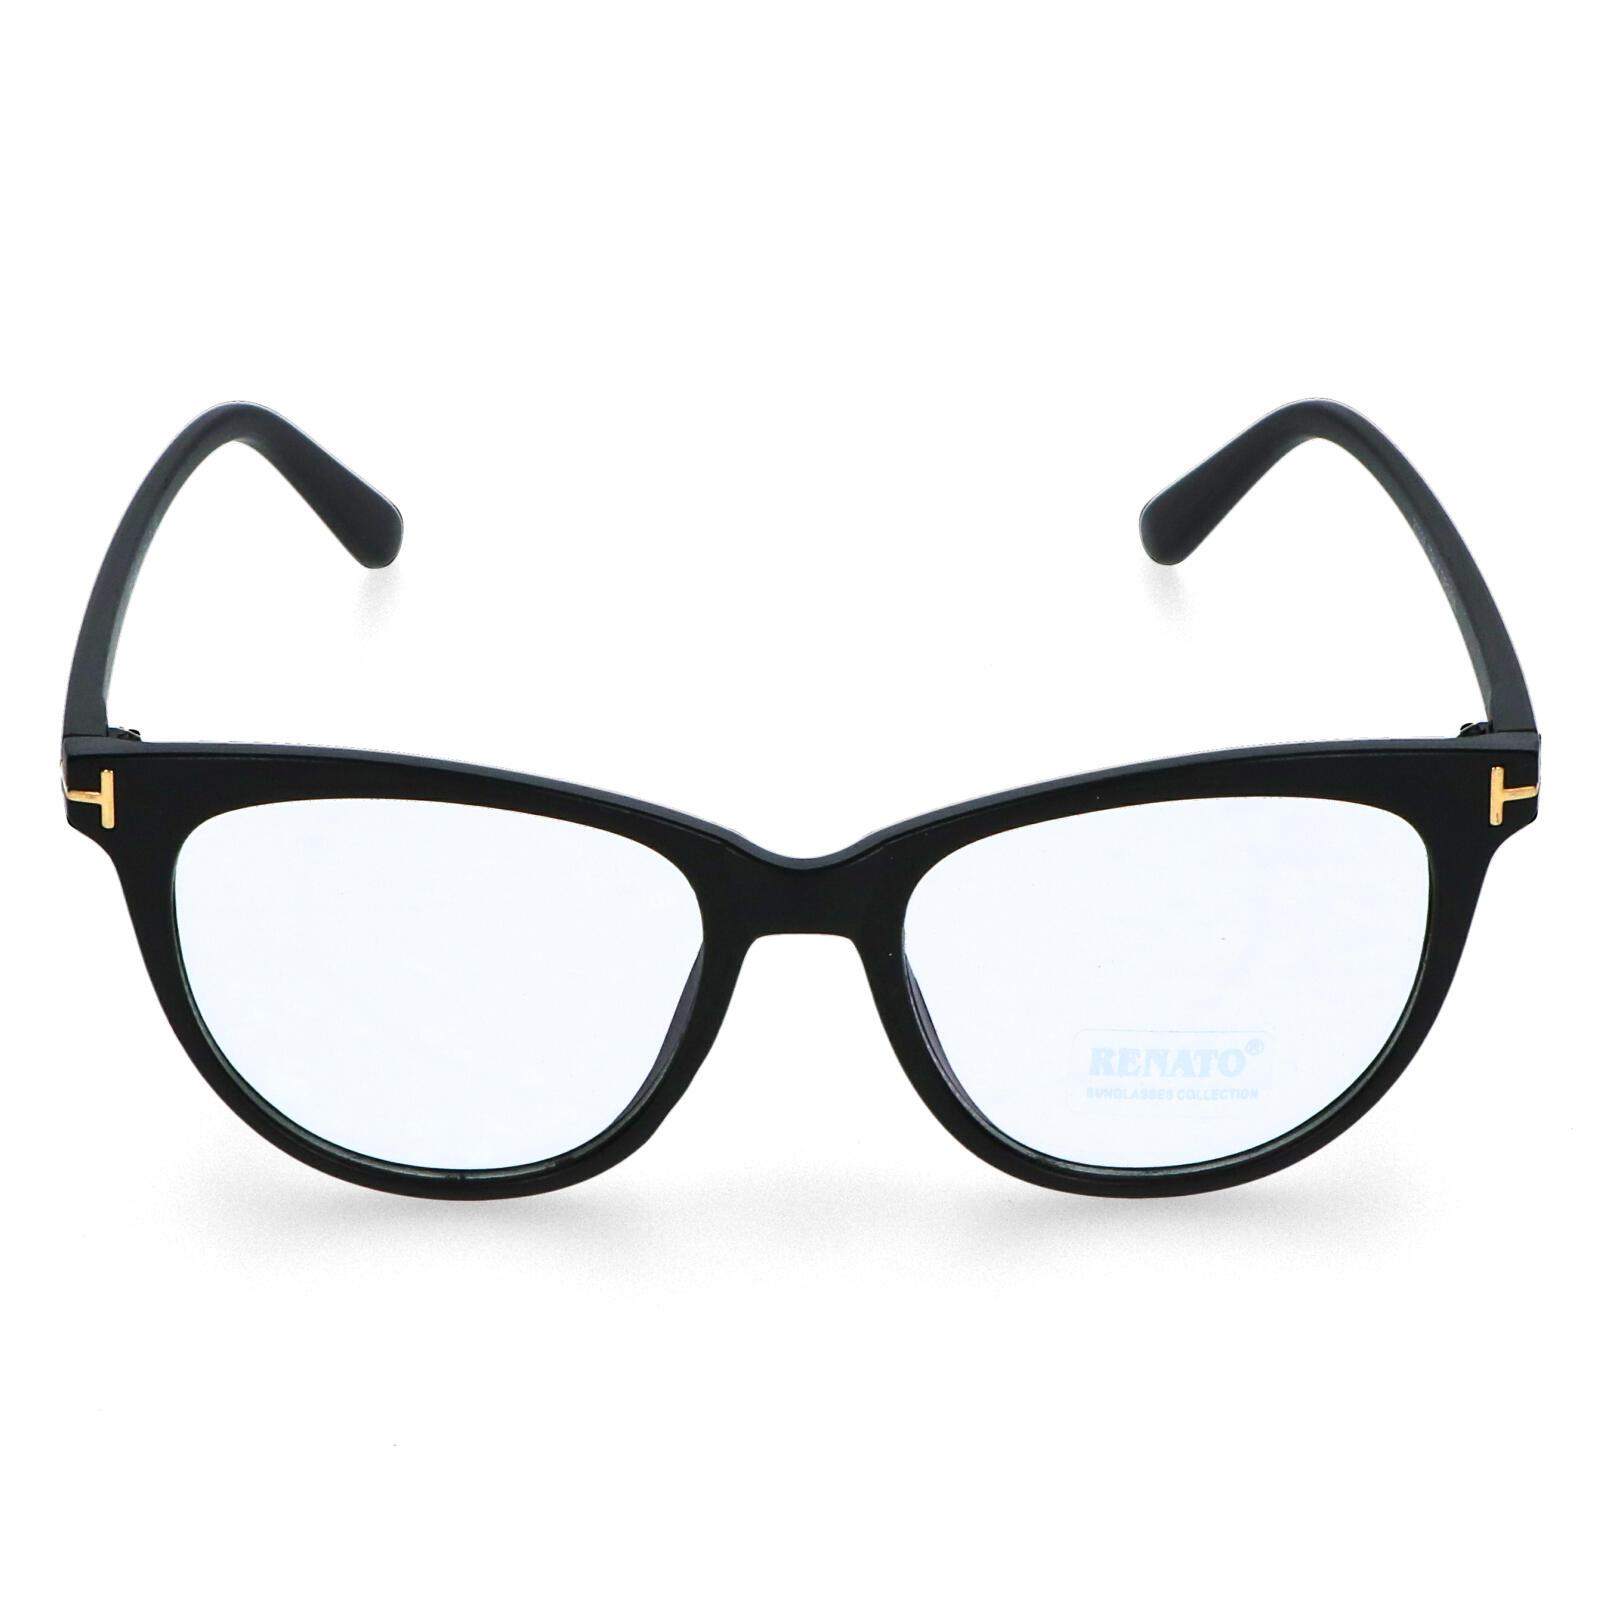 Dámské sluneční brýle černé - CAT623